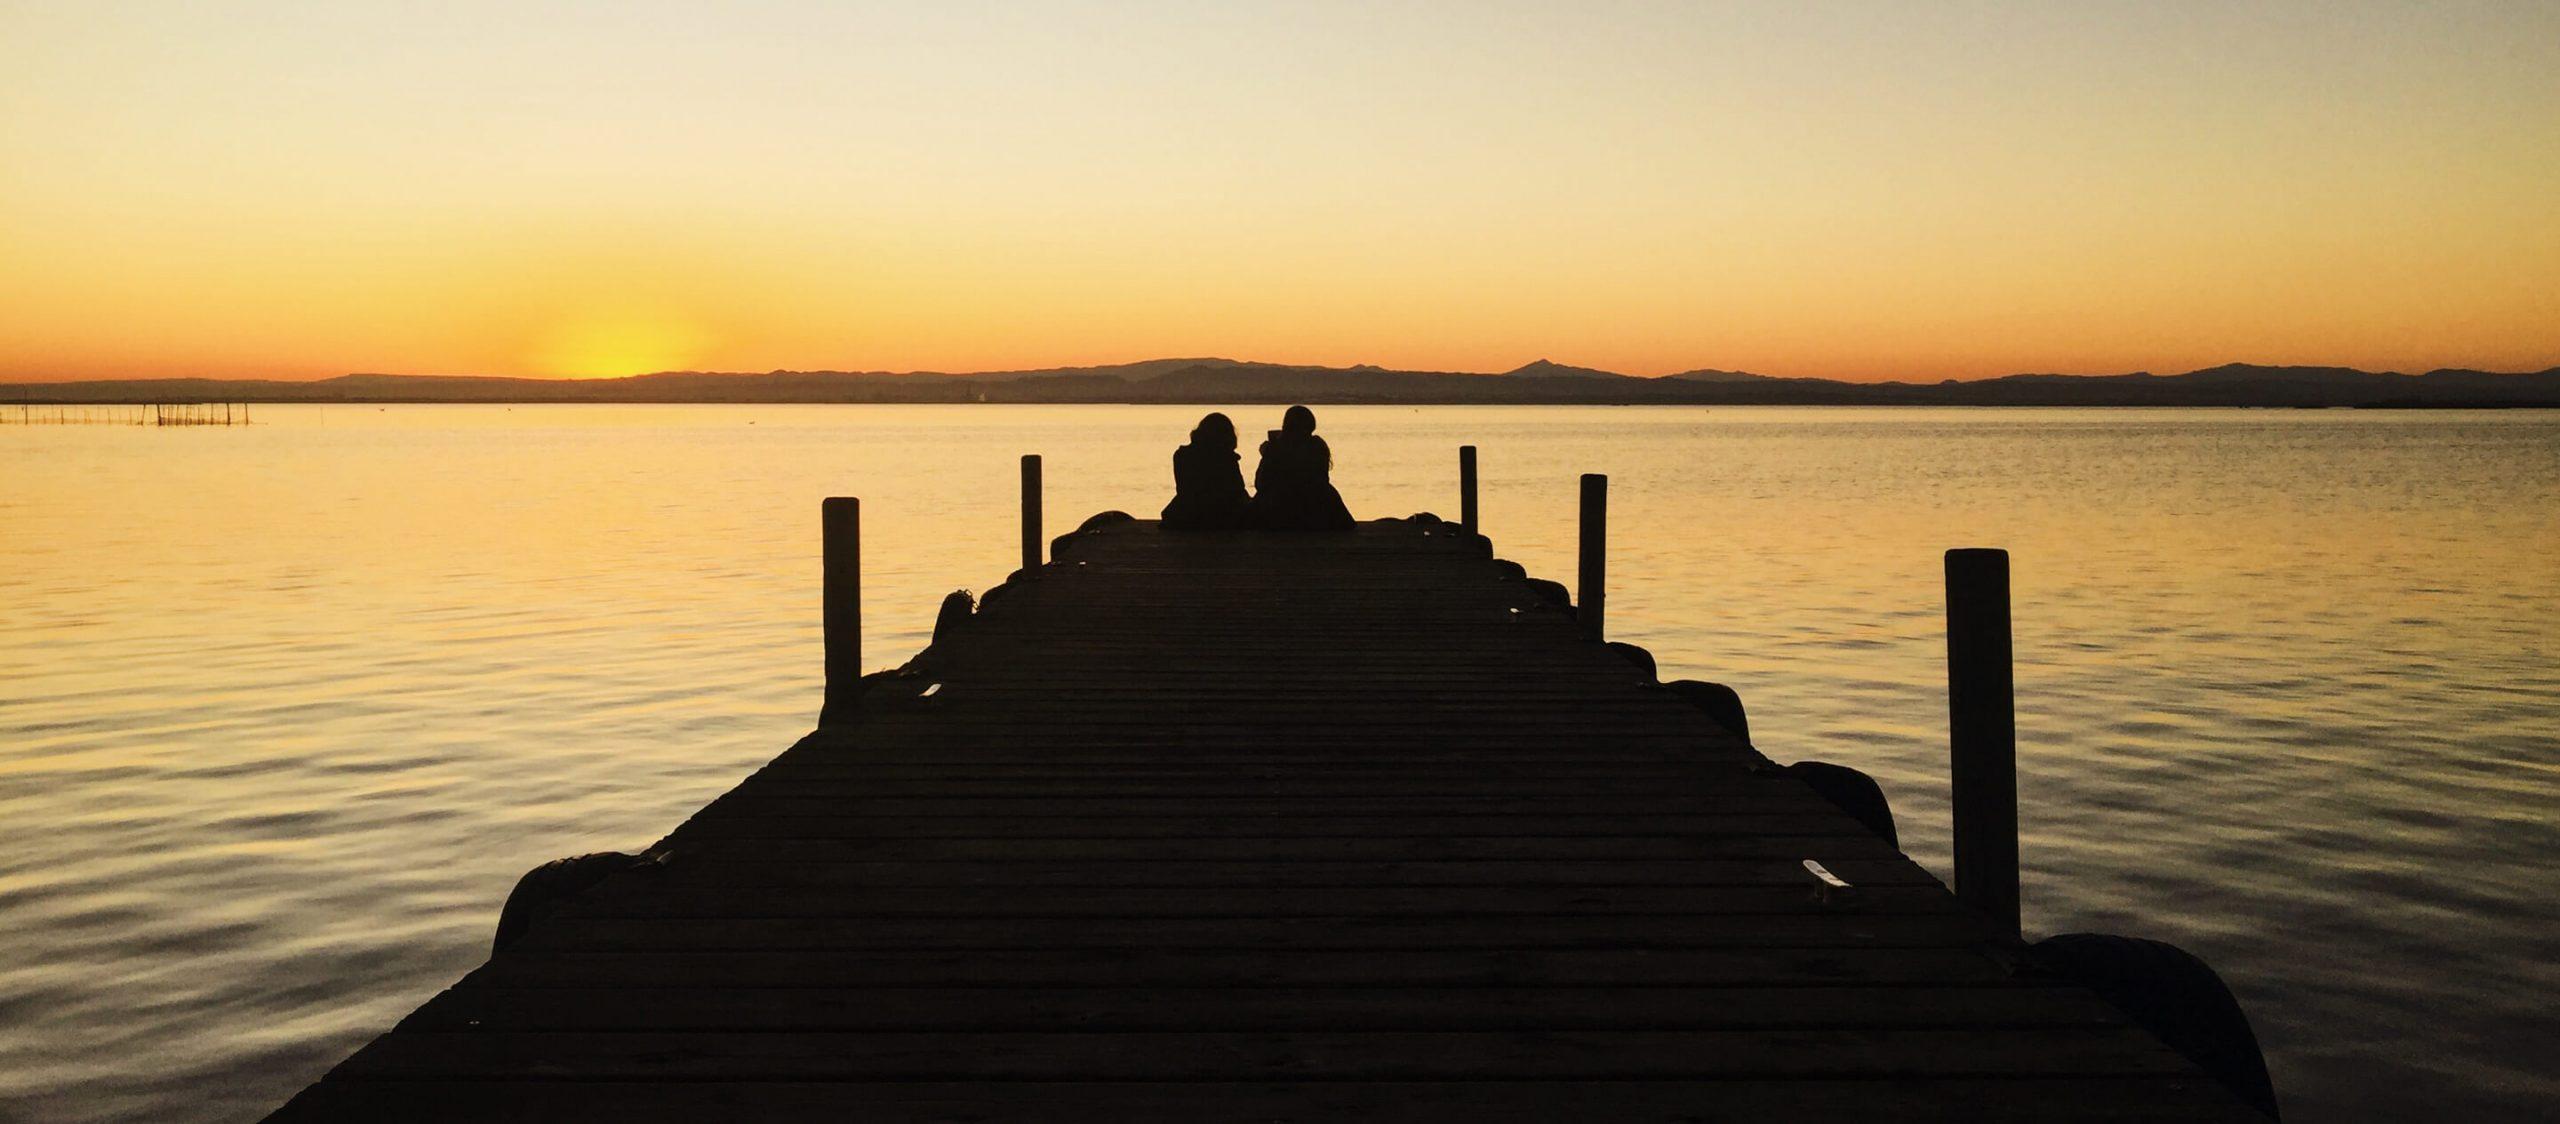 ดูพระอาทิตย์ตกที่ Albufera ทะเลสาบที่เปลี่ยนสีตามแสงอาทิตย์ในทุกๆ วัน